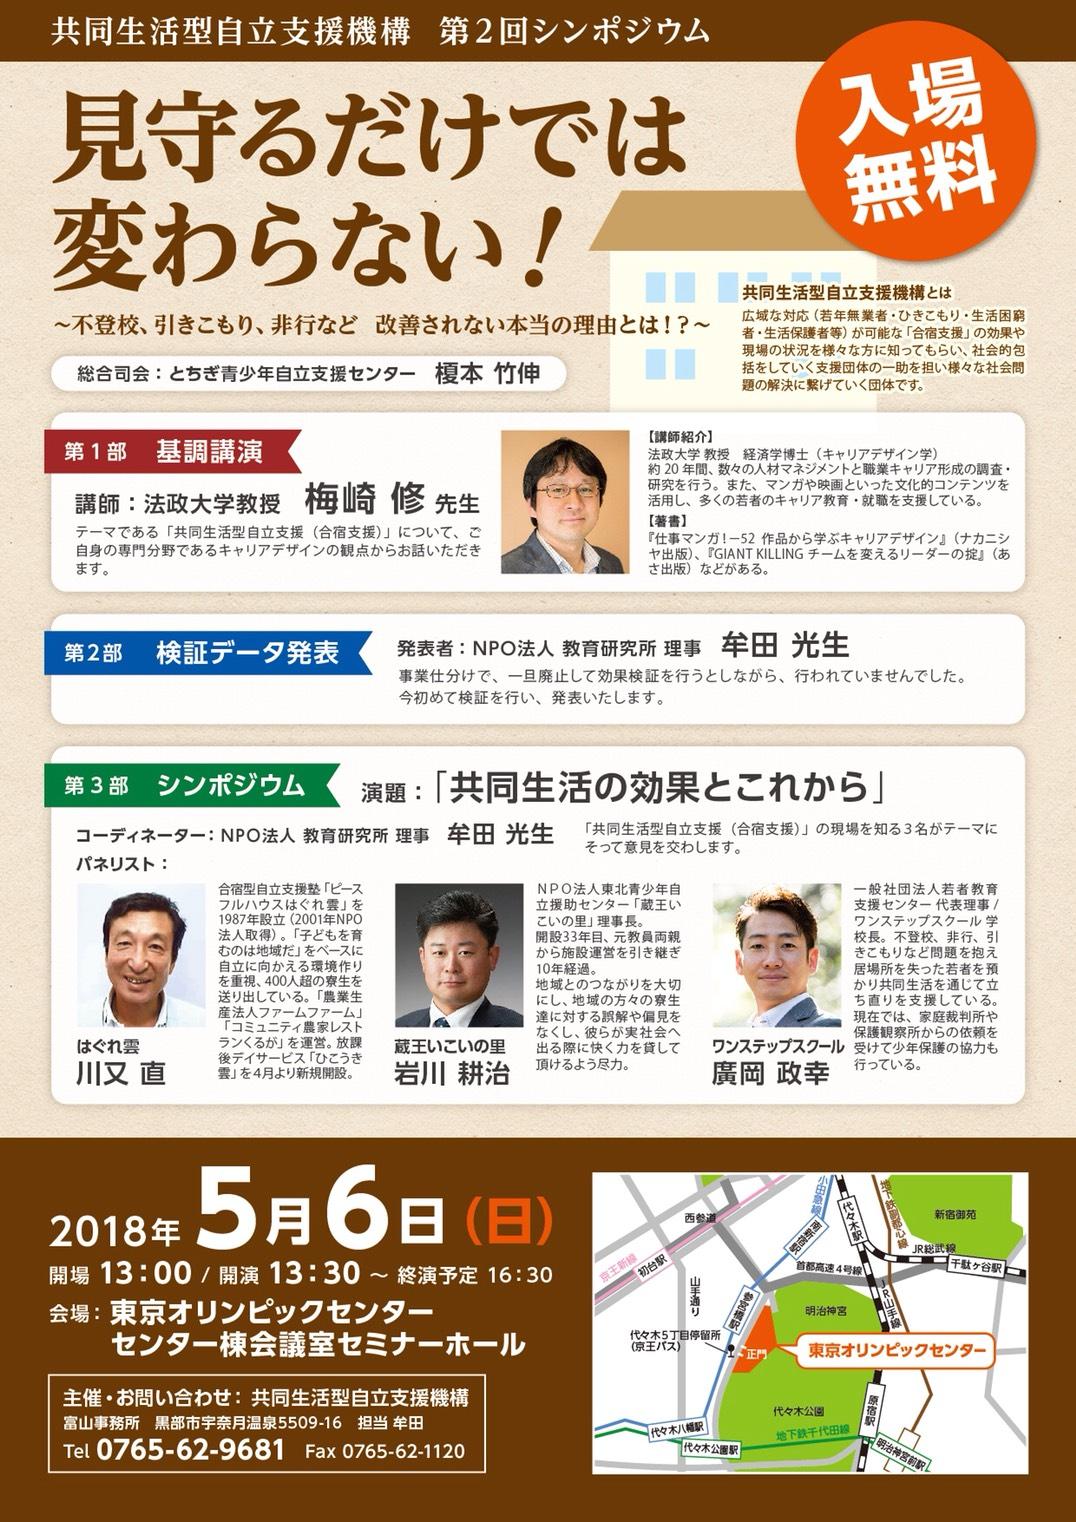 第2回シンポジウム開催(5/6)のお知らせ